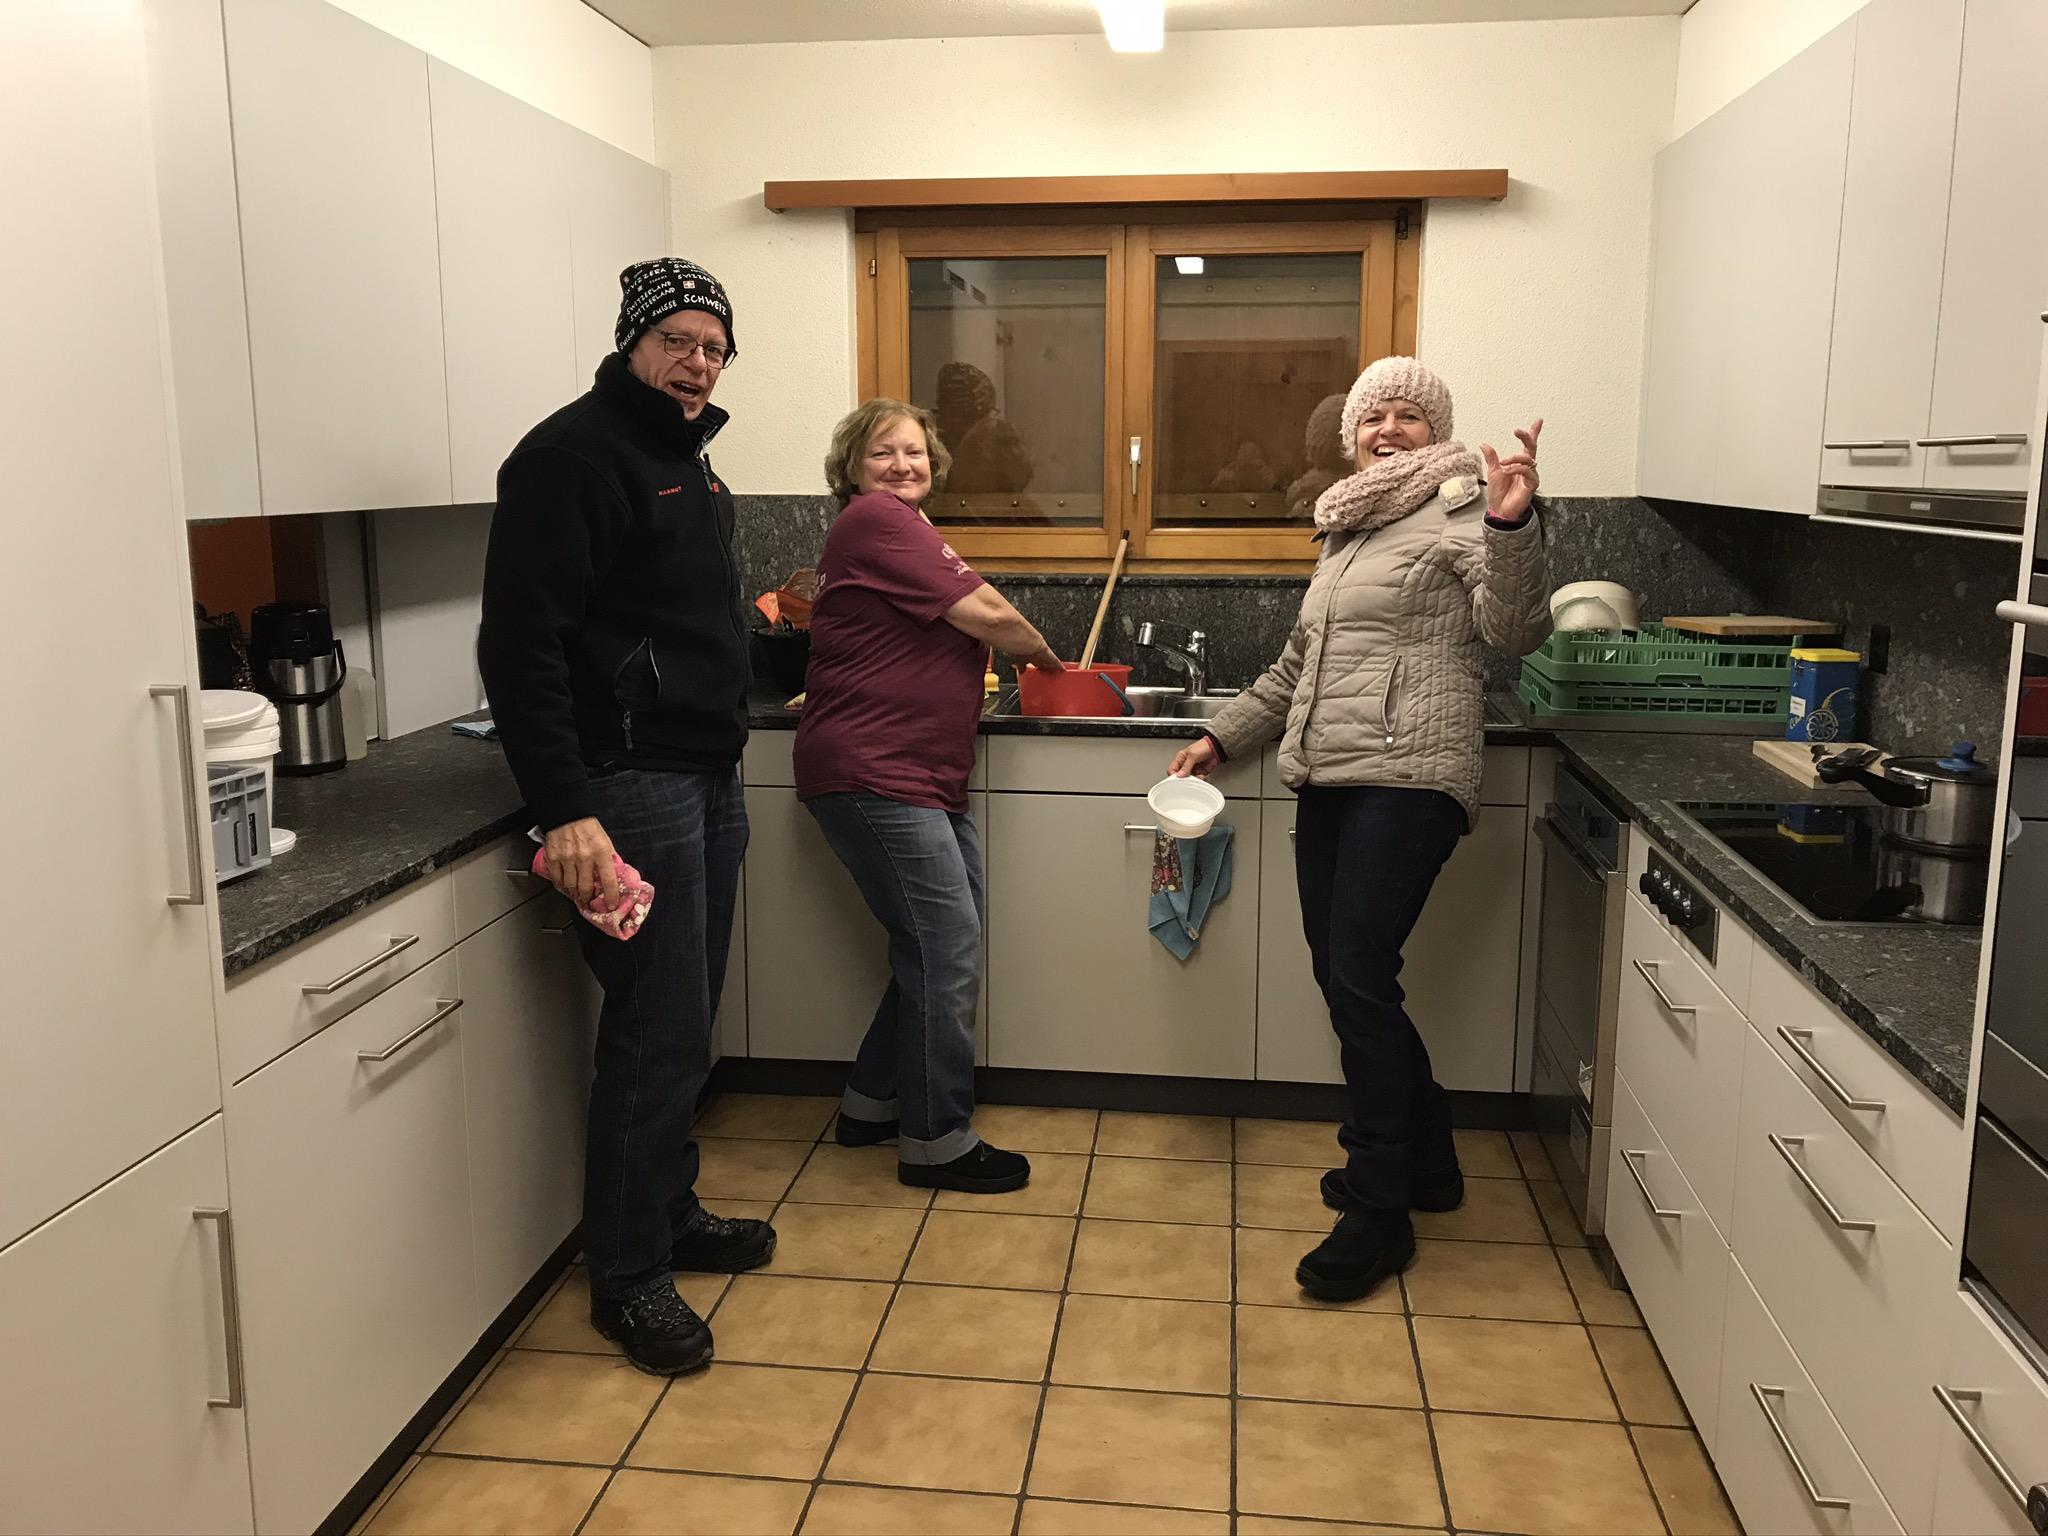 Fleissige Hände in der Küche